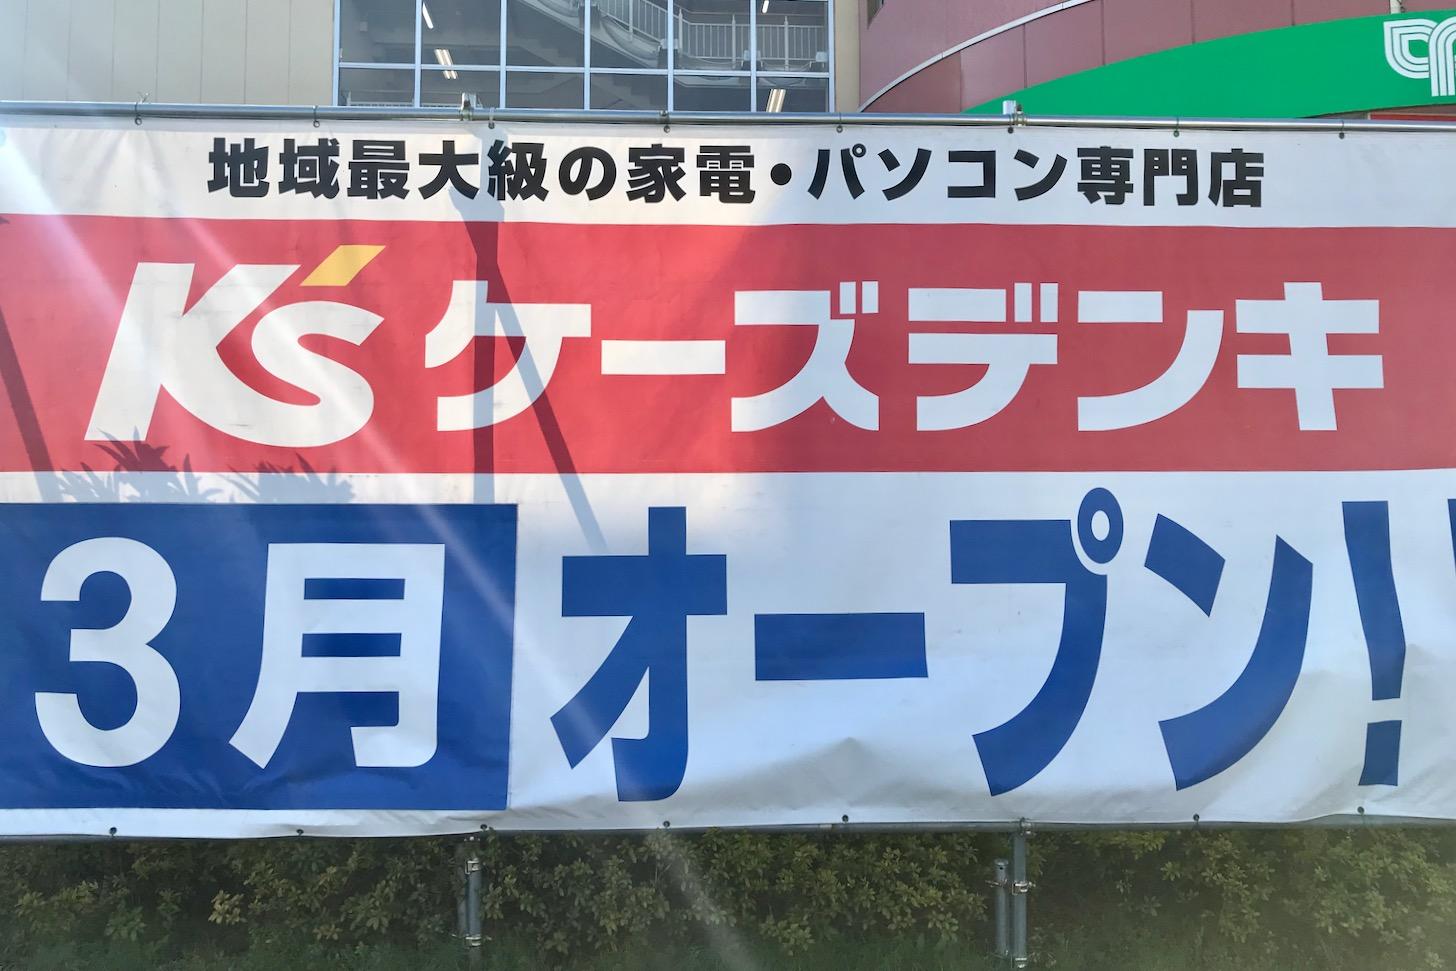 ケーズデンキ多摩東寺方店は3月にオープン